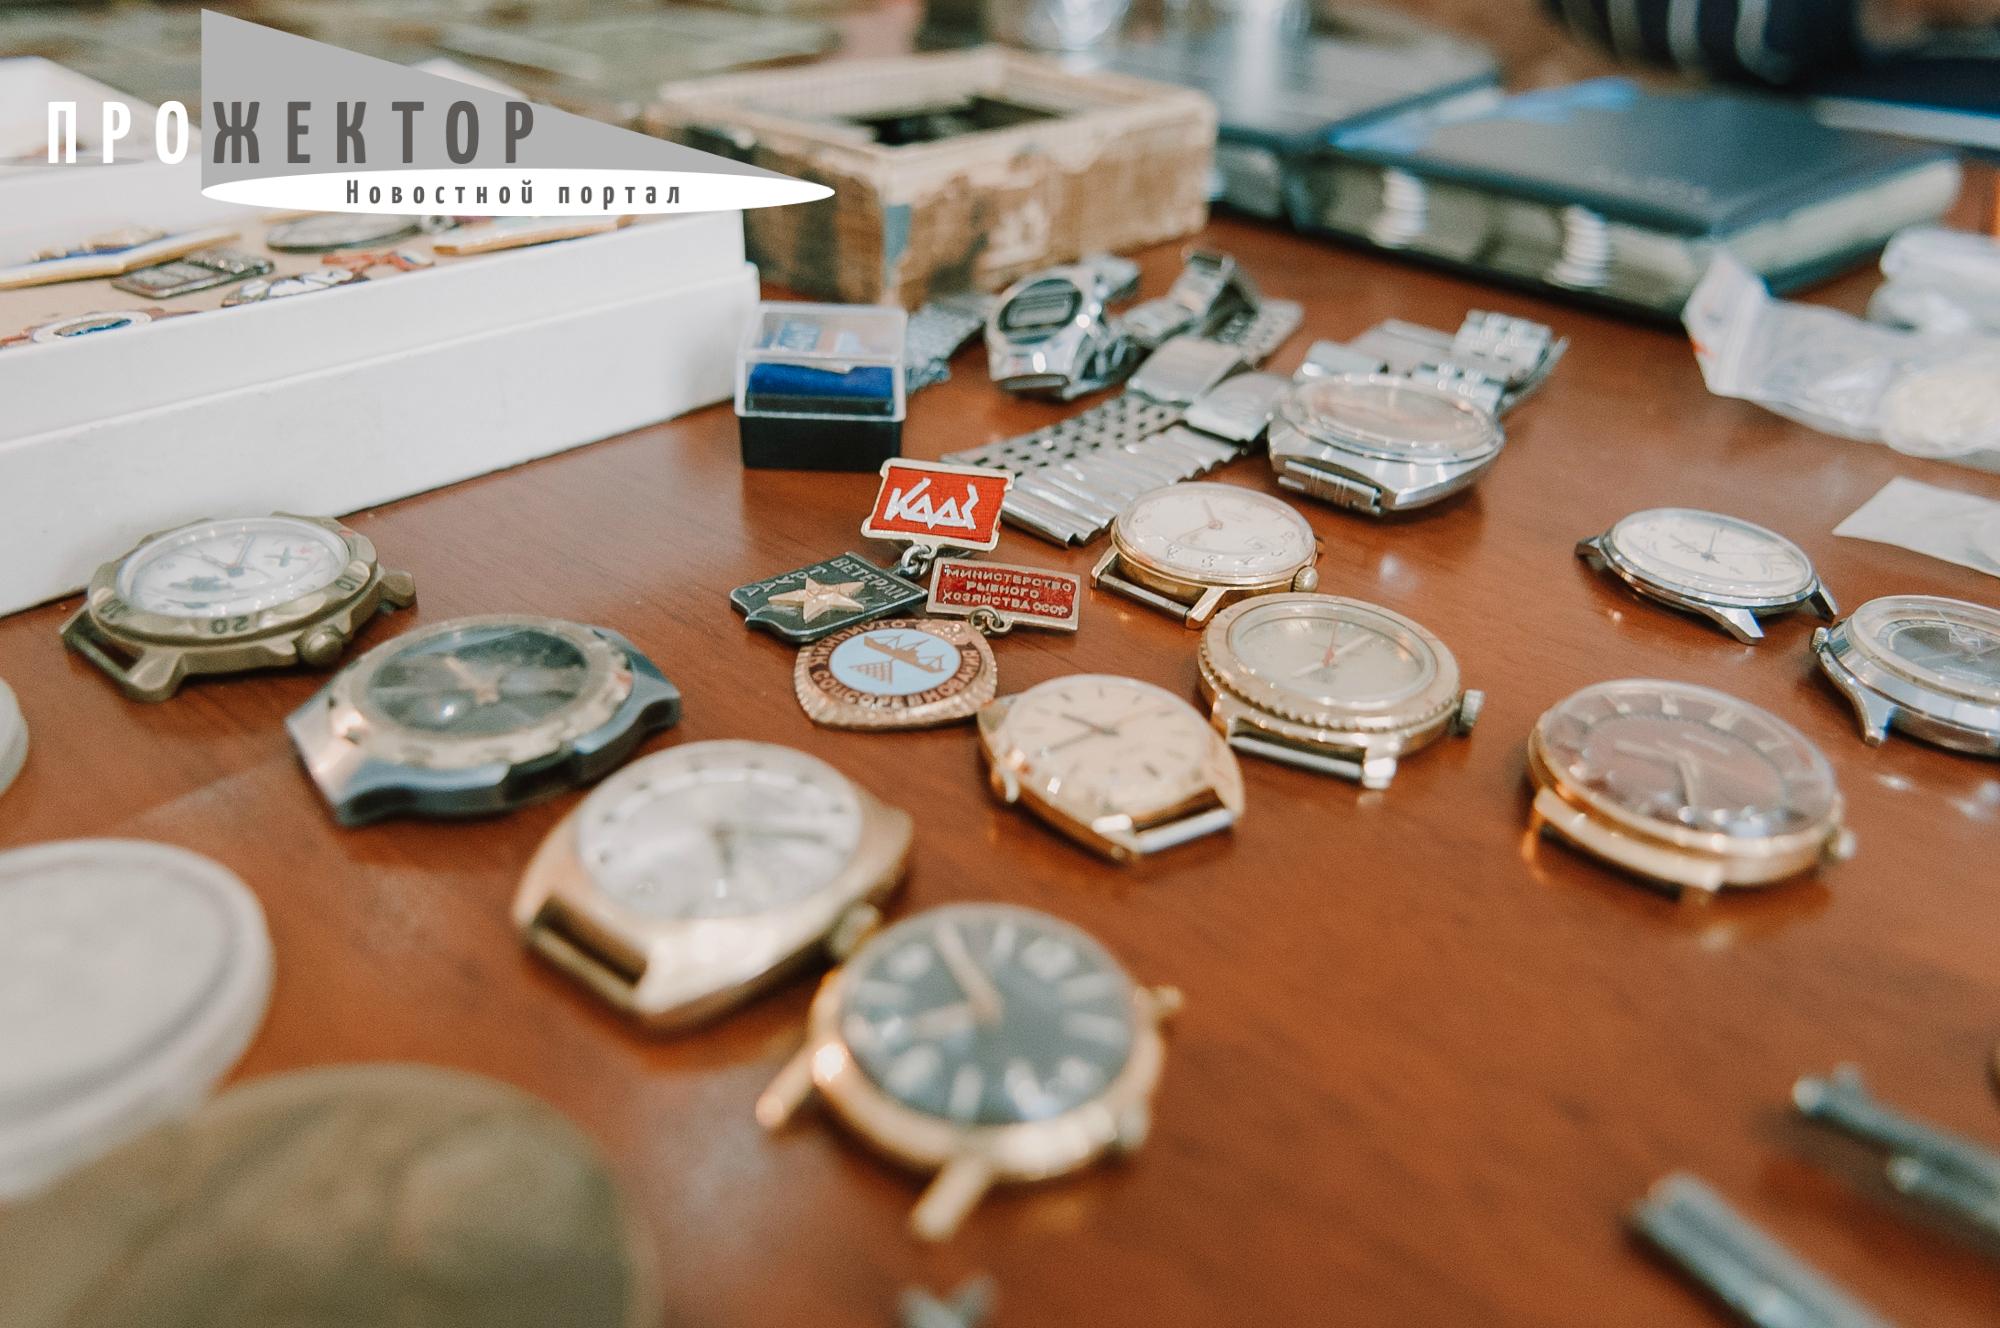 Выставка антиквариата и предметов коллекционирования прошла в Астрахани: фоторепортаж